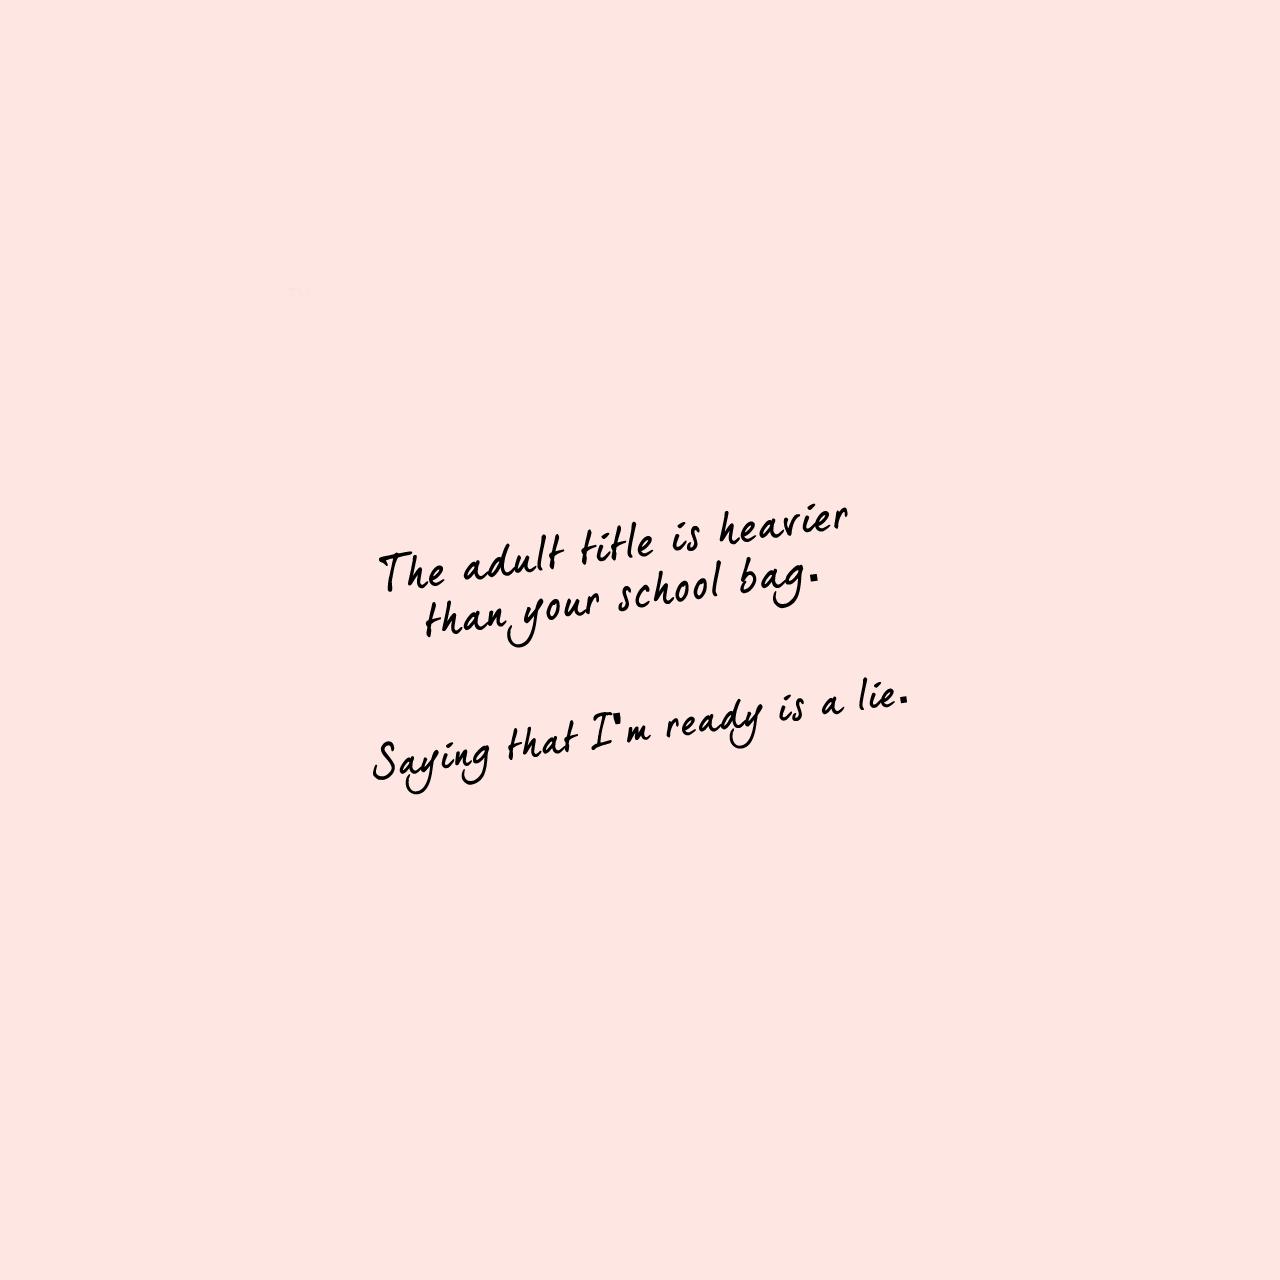 Nct Lyrics Meaningful Lyrics Lyrics Motivational Quotes